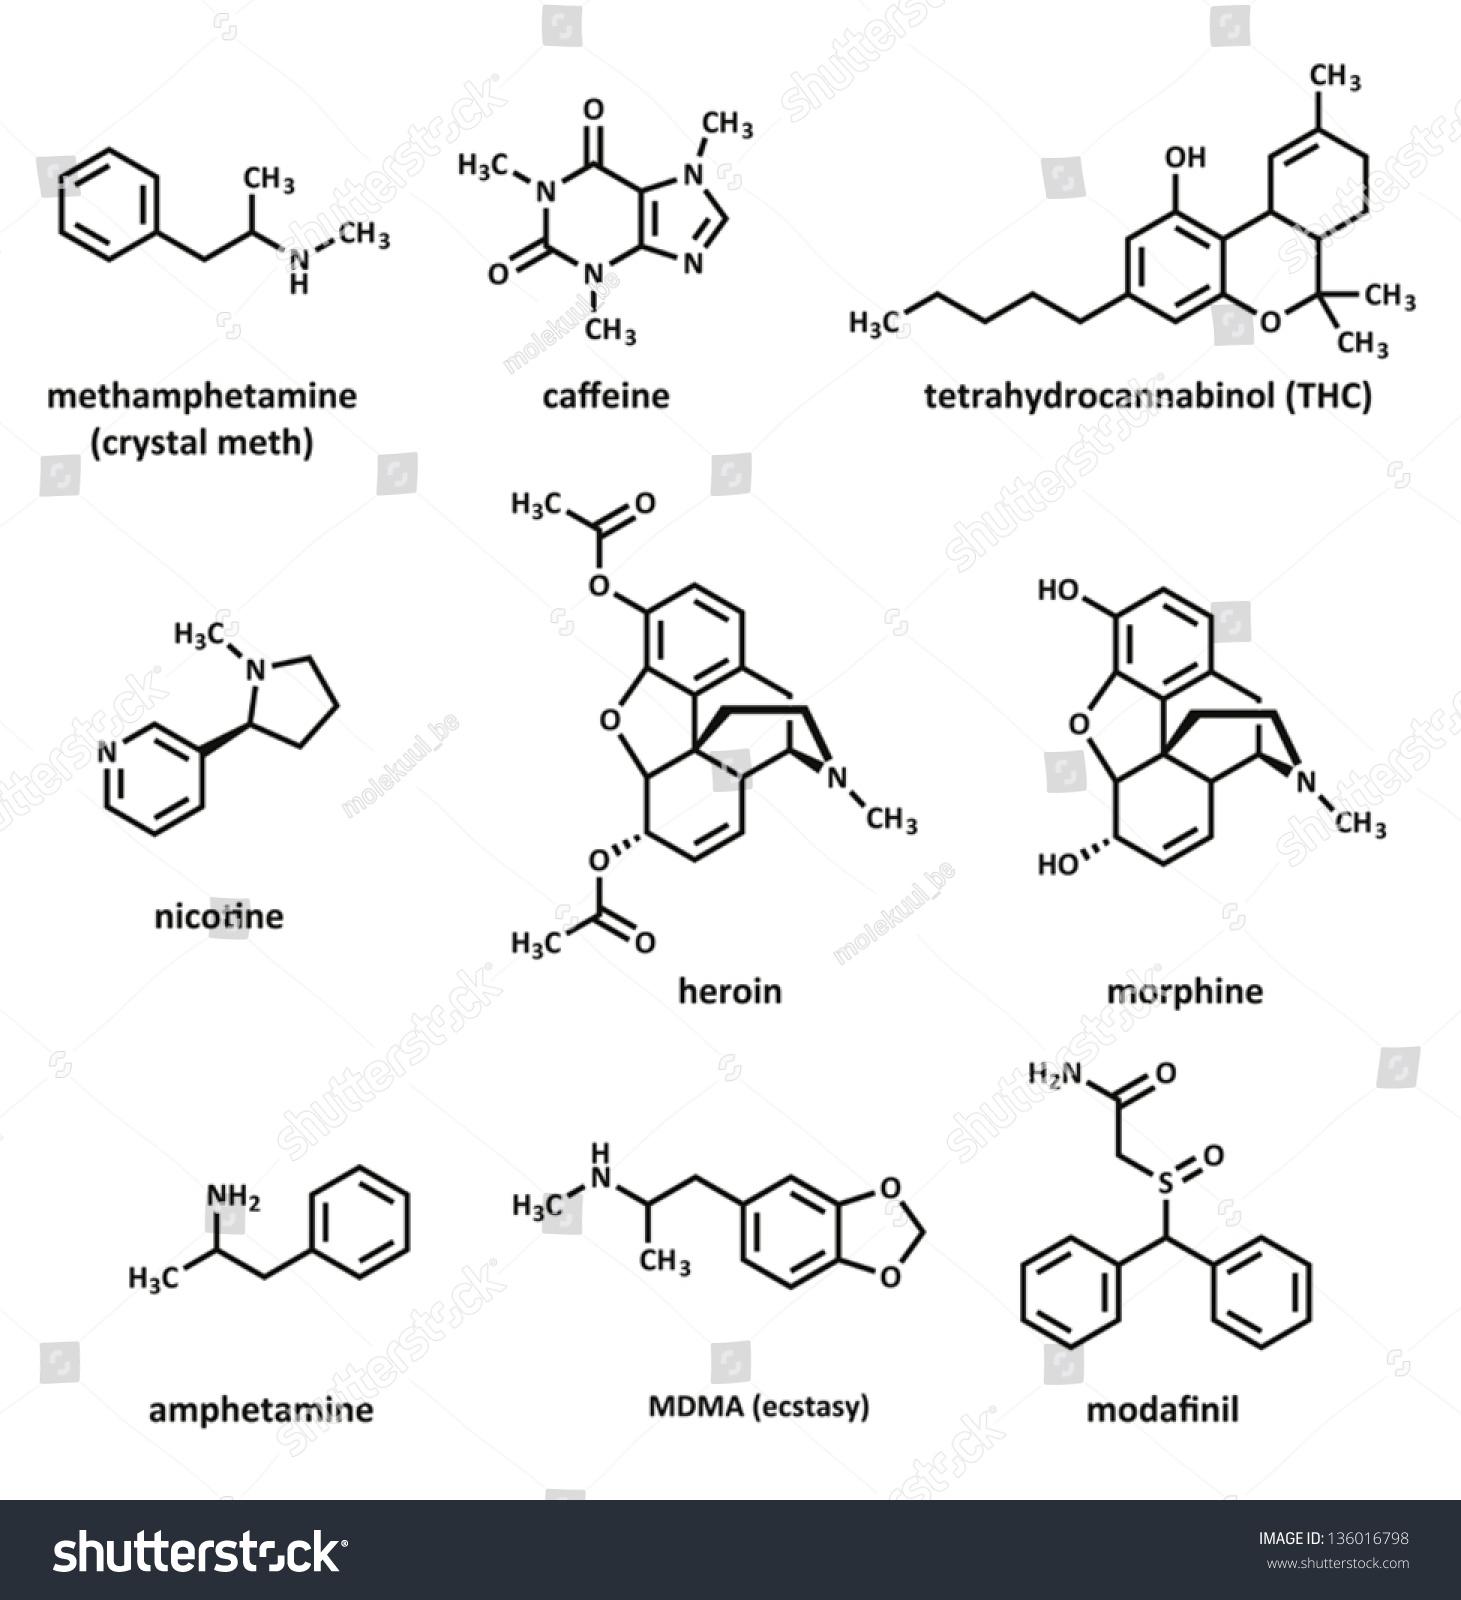 Recreational Drugs Methamphetamine Crystal Meth Caffeine